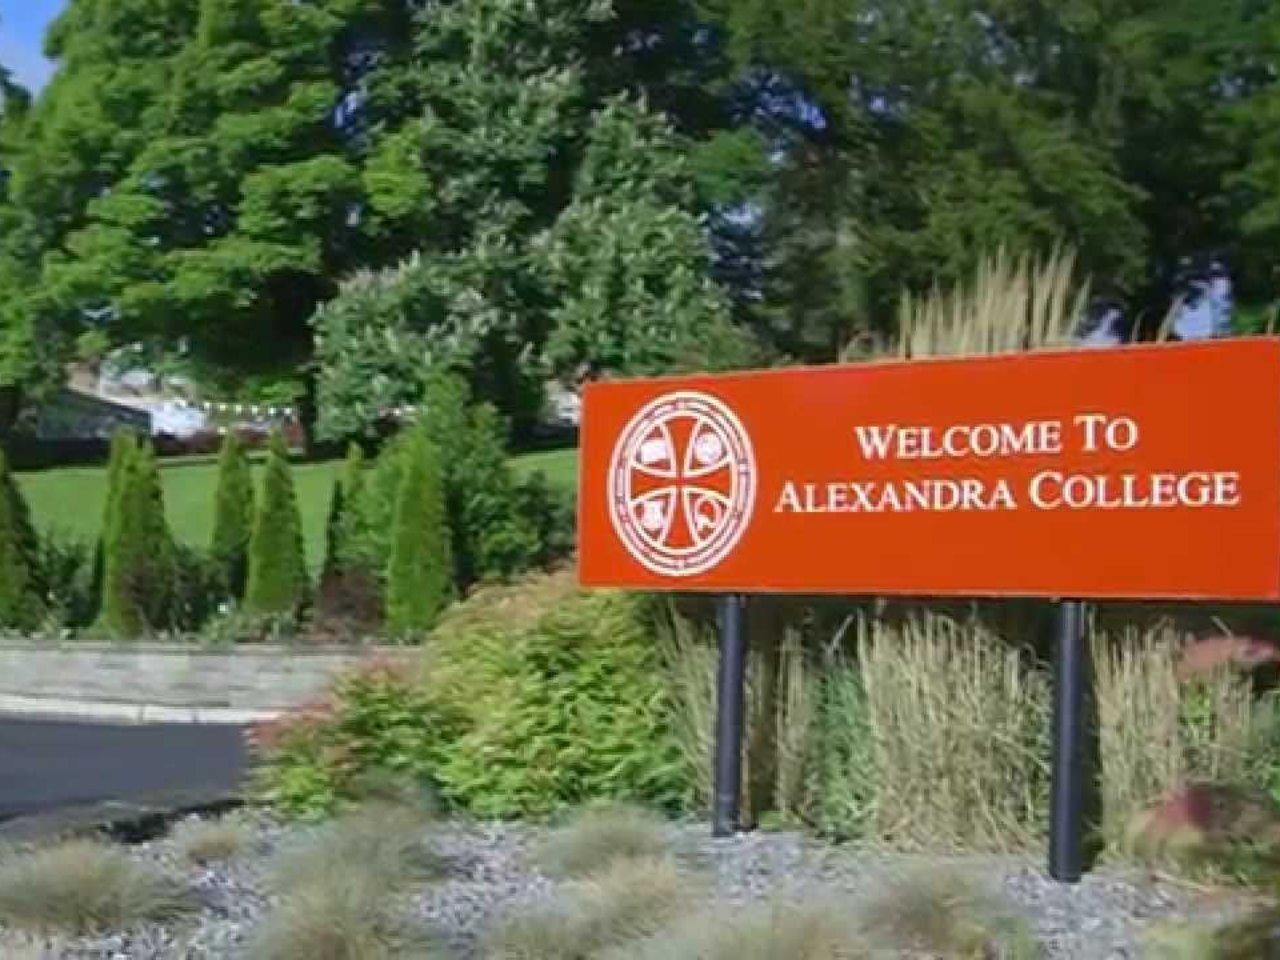 ISI国際学院 高校留学 アイルランド留学 アイルランド正規留学 高校卒業留学 1年留学 ボーディングスクール ホームステイ アレクサンドラ・カレッジ